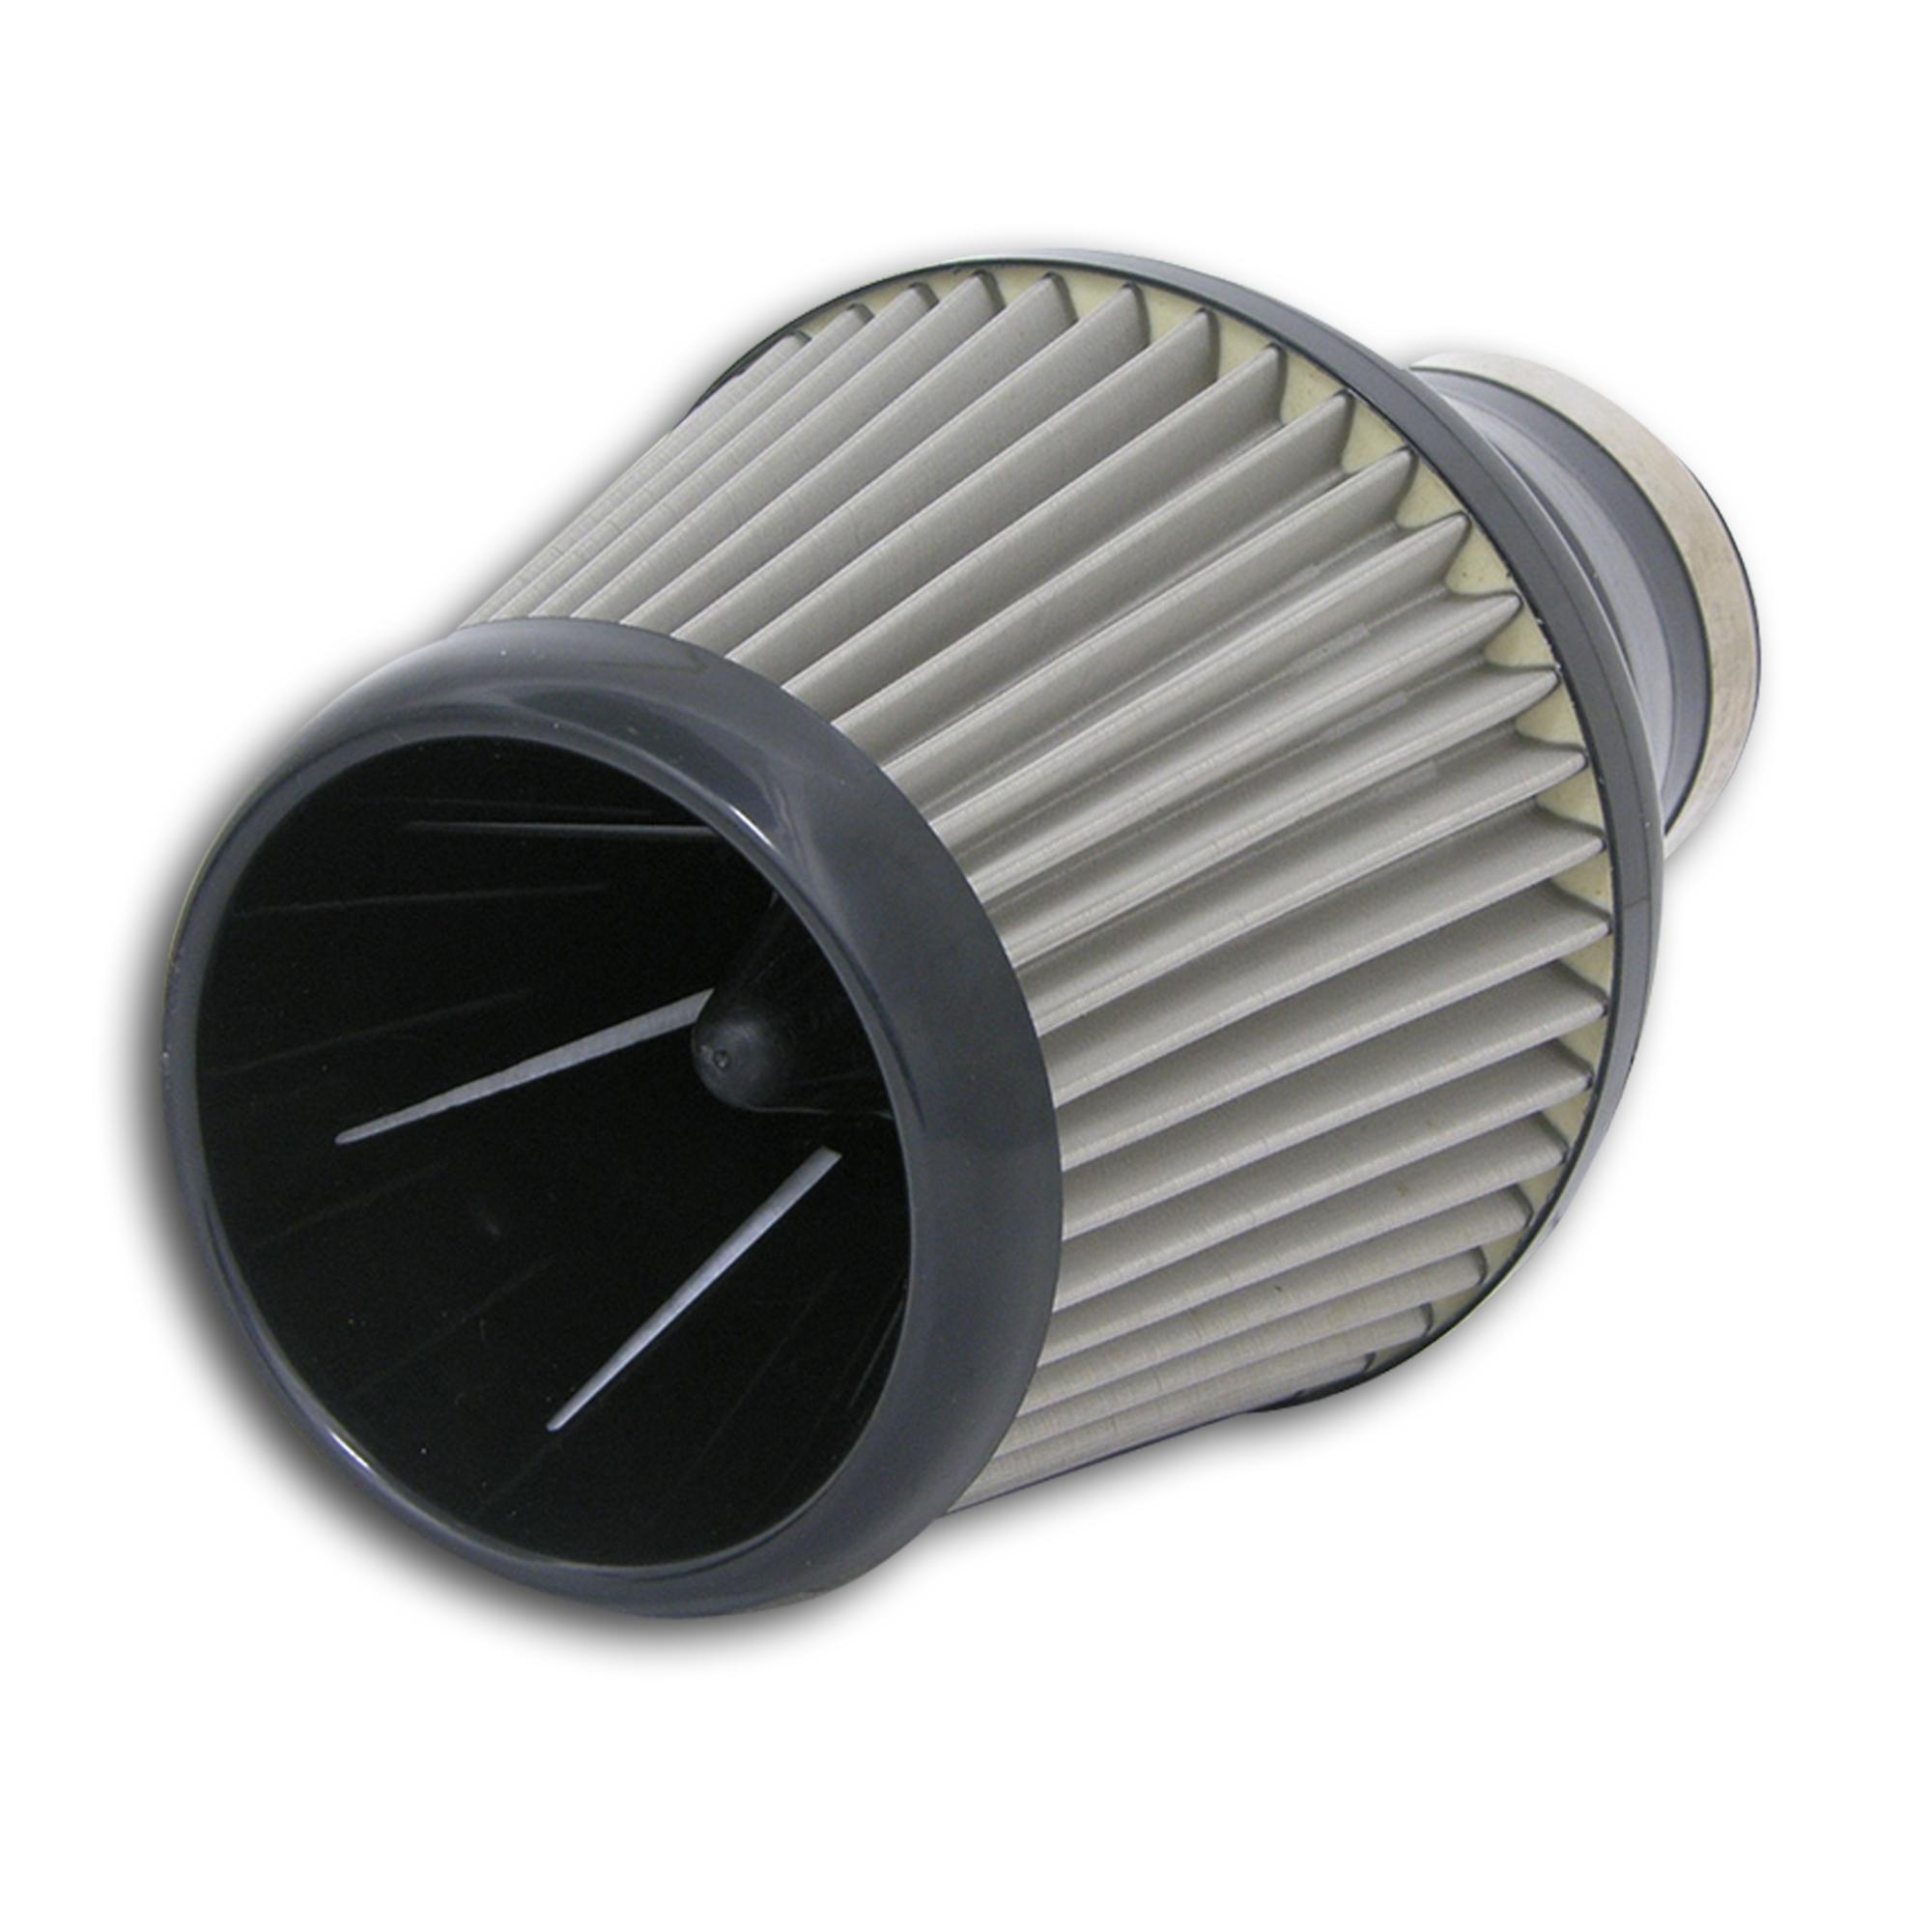 JOM Sportovni filtr vzduchu 40322 SIMSON